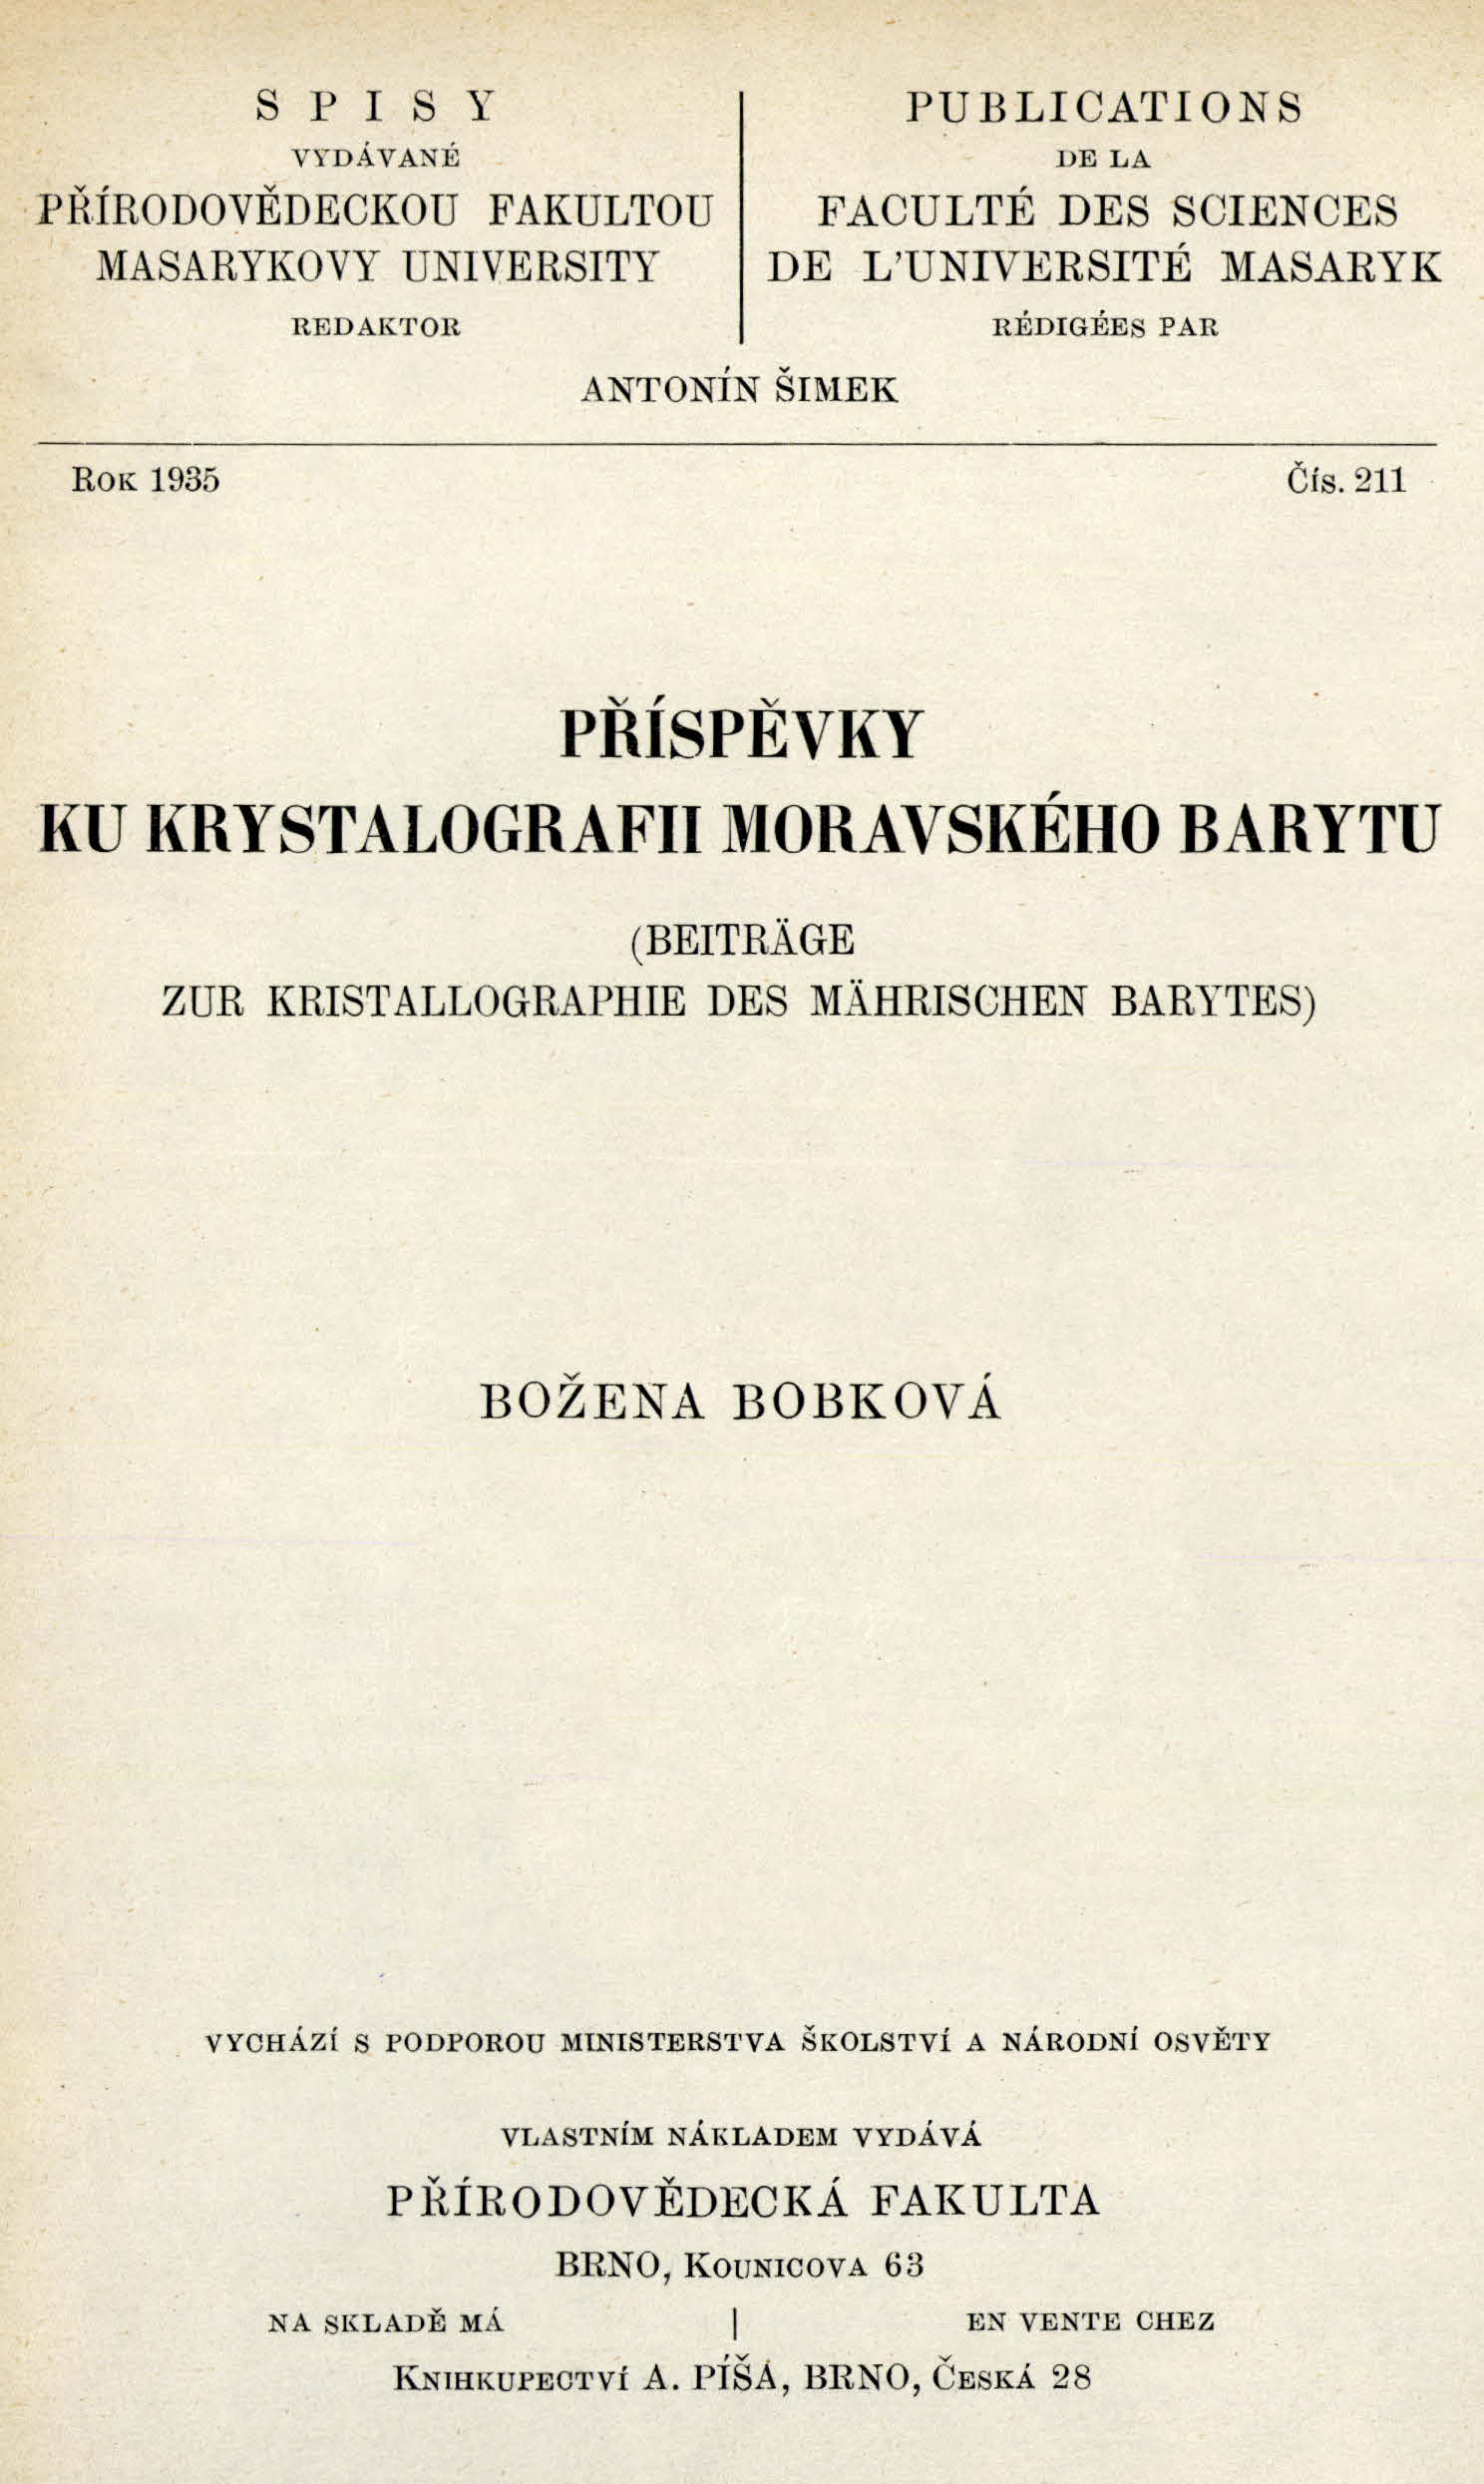 Obálka pro Příspěvky ku krystalografii moravského barytu